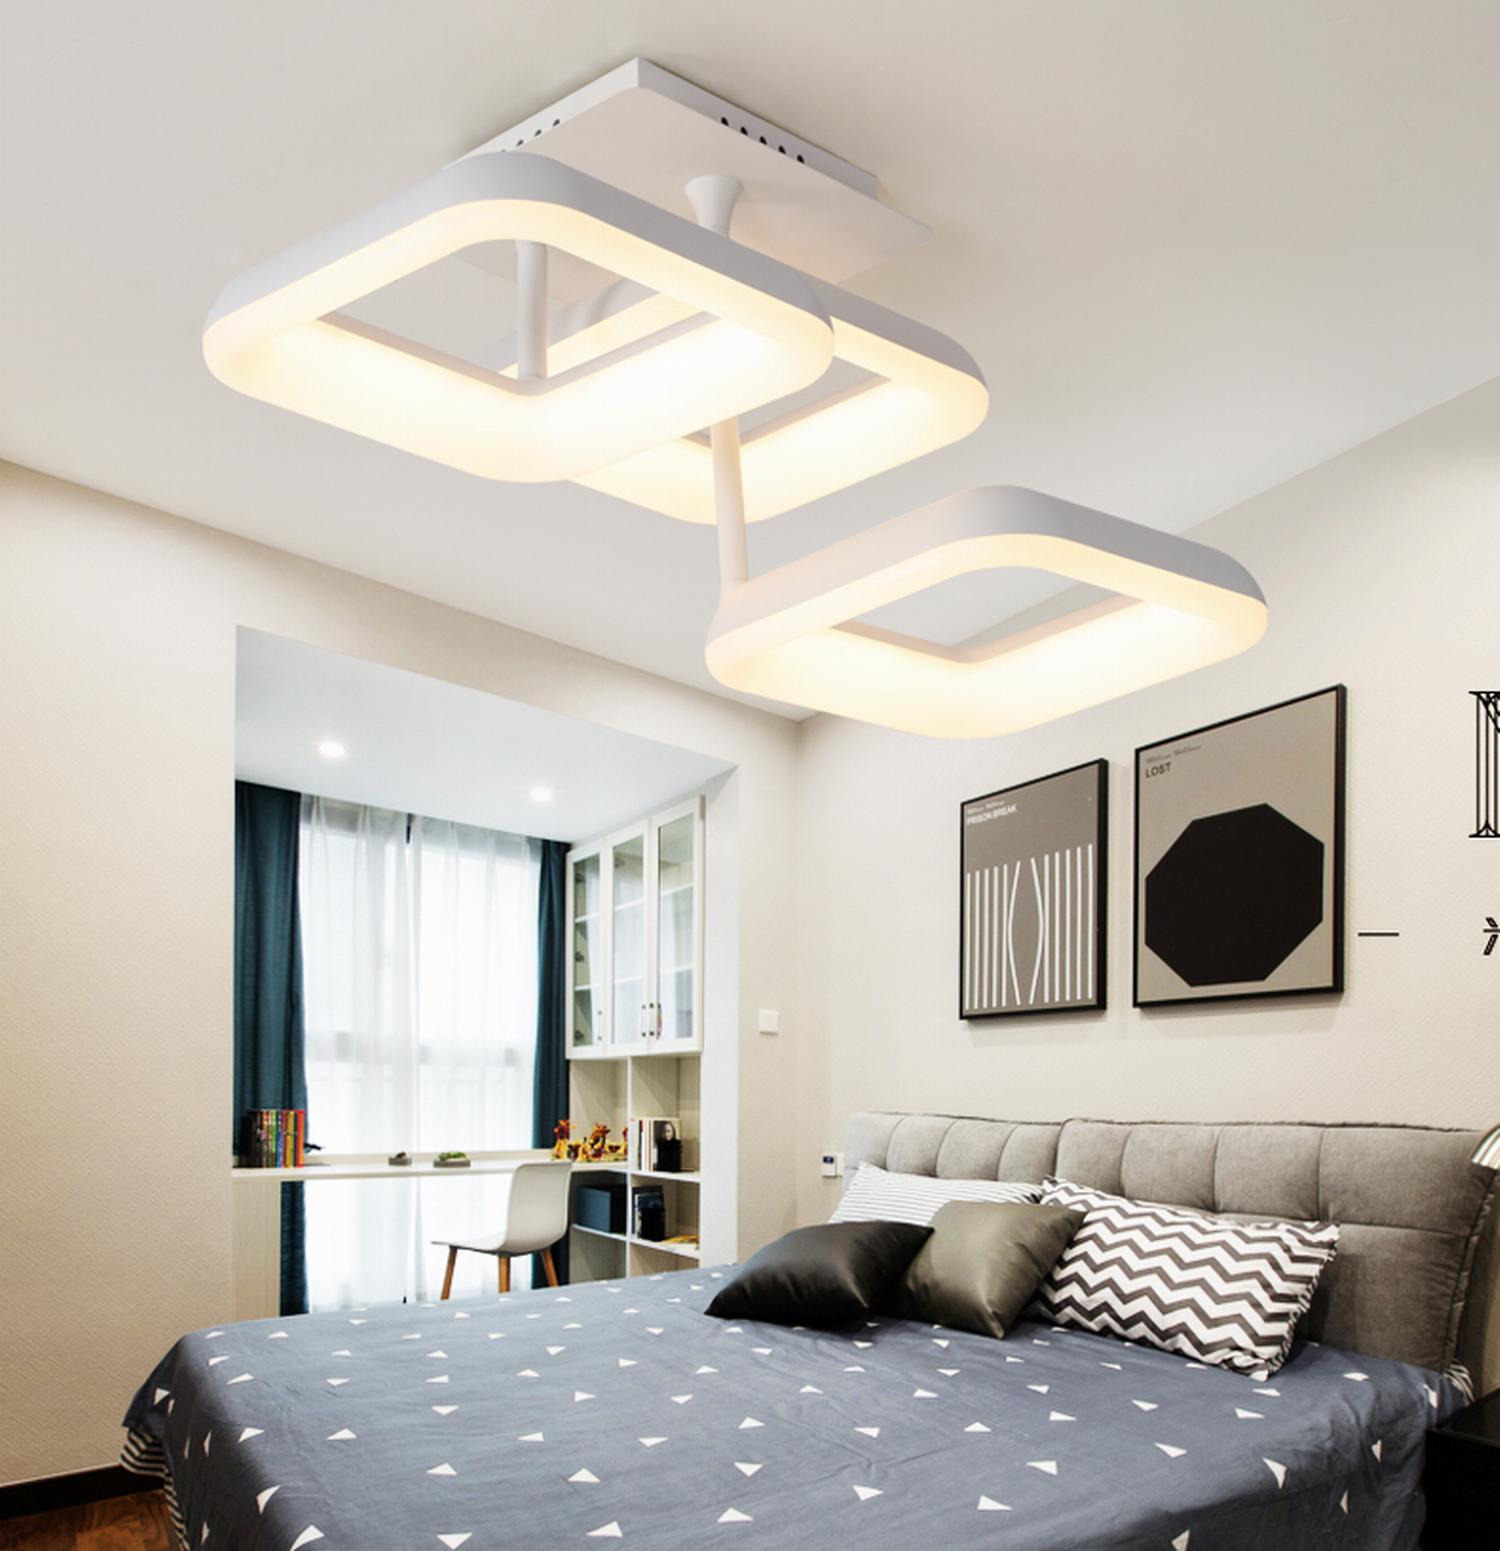 Full Size of Deckenleuchten Design Woward 36w Led Deckenlampe Wow 7103 Bad Bett Modern Esstische Schlafzimmer Küche Designer Lampen Esstisch Wohnzimmer Badezimmer Regale Wohnzimmer Deckenleuchten Design